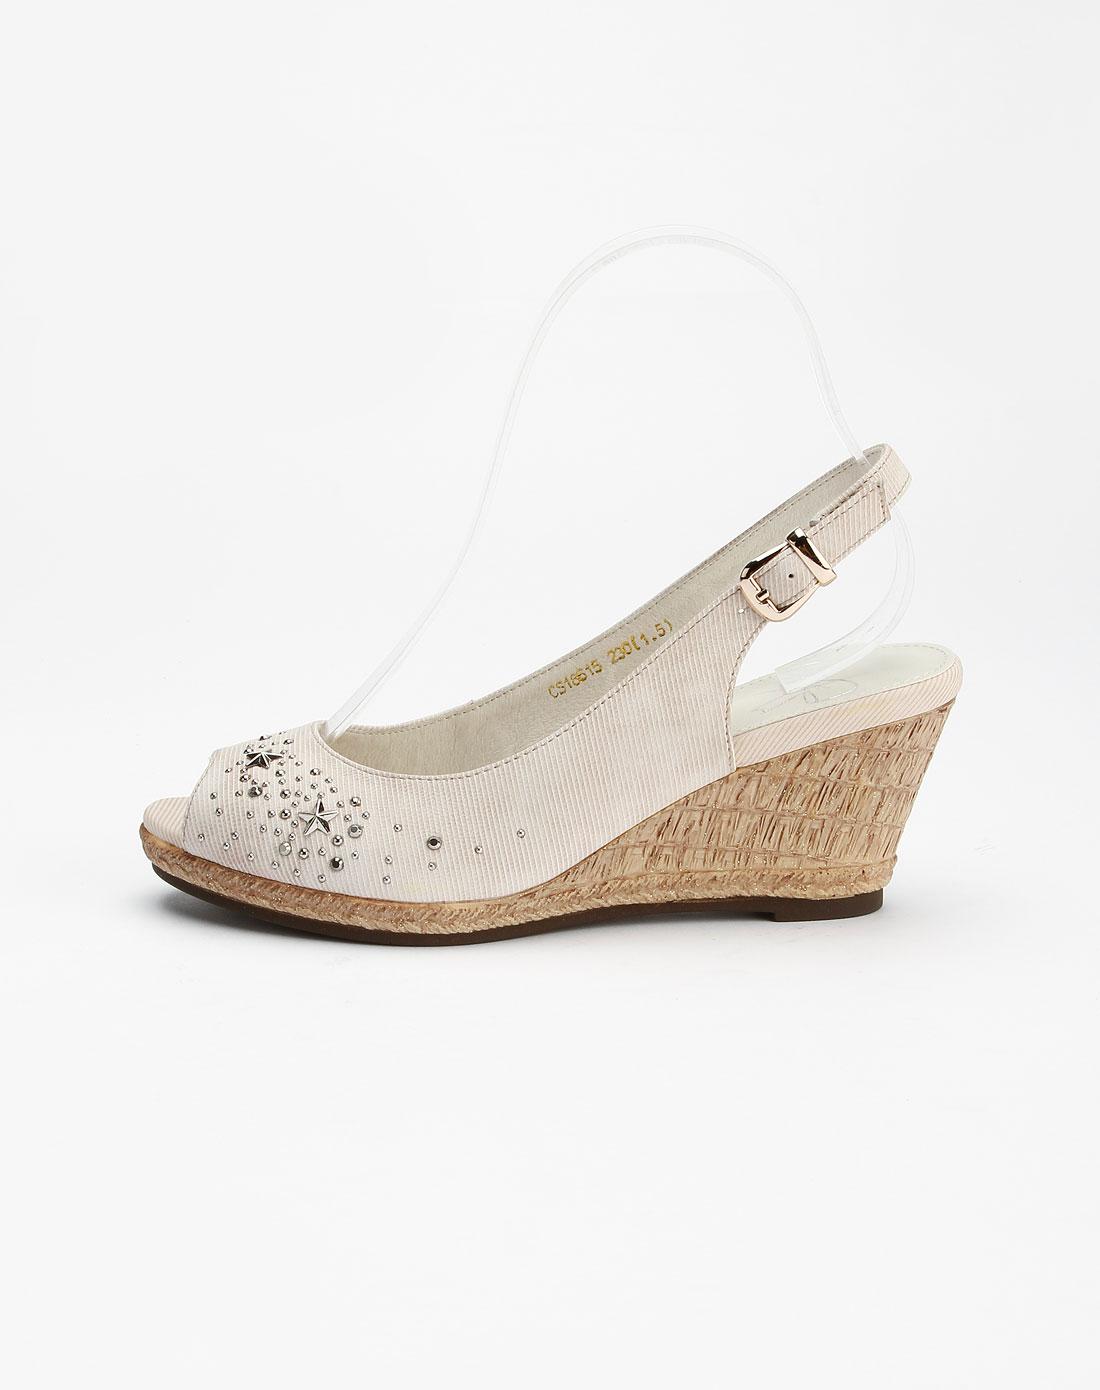 哈森旗下品牌女鞋卡文cover 浅咖啡色牛仔布纹羊皮后